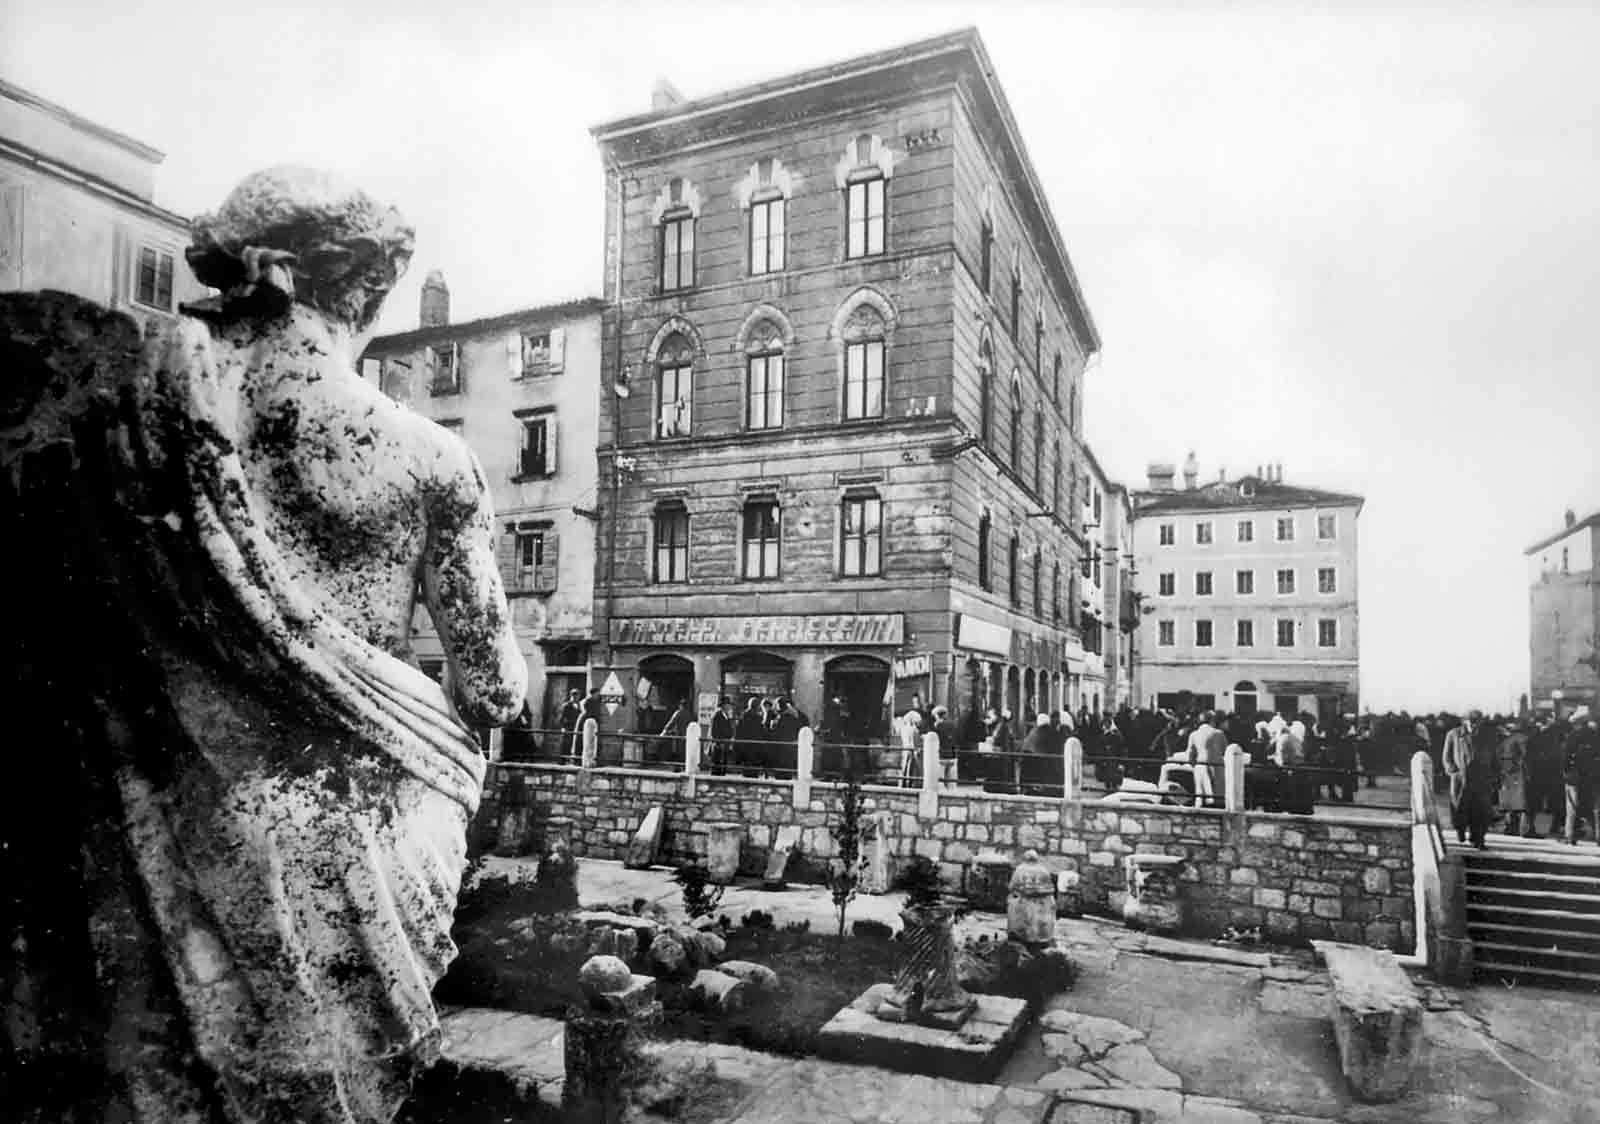 Piazza dell'Erbe in 1939